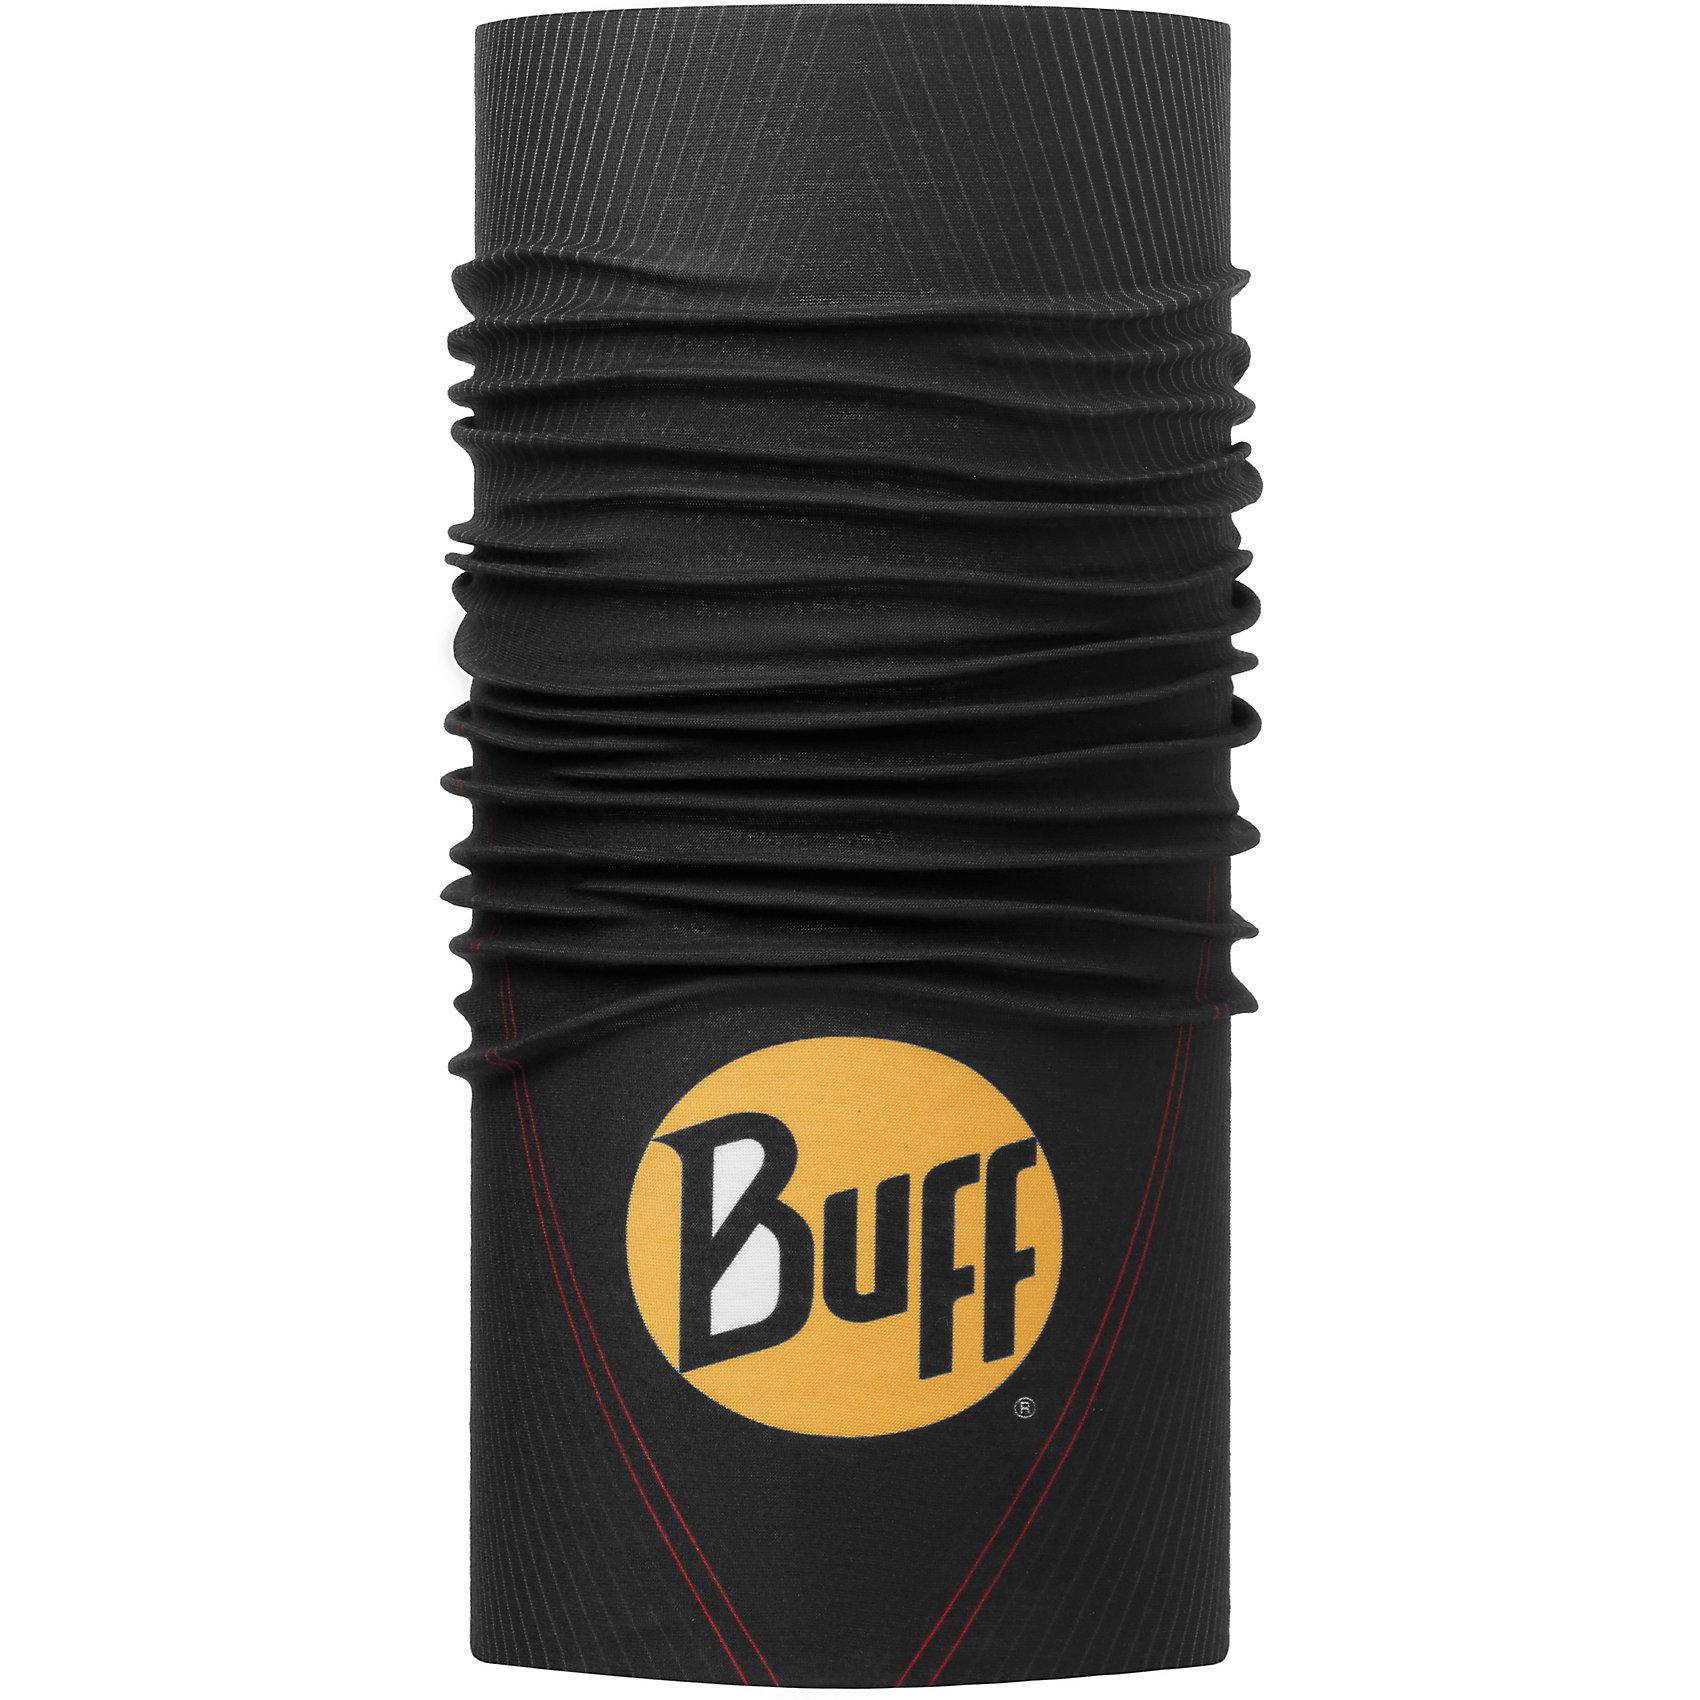 Бандана BUFFГоловные уборы<br>Бандана BUFF <br>Бесшовная бандана-труба из специальной серии Original BUFF. Original BUFF - самый популярный универсальный головной убор из всех серий. <br><br>Сделан из микрофибры - защищает от ветра, пыли, влаги и ультрафиолета. Контролирует микроклимат в холодную и теплую погоду, отводит влагу. Ткань обработана ионами серебра, обеспечивающими длительный антибактериальный эффект и предотвращающими появление запаха. Допускается машинная и ручная стирка при 30-40градусах. Материал не теряет цвет и эластичность, не требует глажки. <br><br>Original BUFF можно носить на шее и на голове, как шейный платок, маску, бандану, шапку и подшлемник. <br><br>Свойства материала позволяют использовать бандану Original BUFF в любое время года, при занятиях любым видом спорта, активного отдыха, туризма или рыбалки.<br>Состав:<br>Полиэстер 100%<br><br>Ширина мм: 89<br>Глубина мм: 117<br>Высота мм: 44<br>Вес г: 155<br>Цвет: черный<br>Возраст от месяцев: 84<br>Возраст до месяцев: 1188<br>Пол: Унисекс<br>Возраст: Детский<br>Размер: one size<br>SKU: 5568747